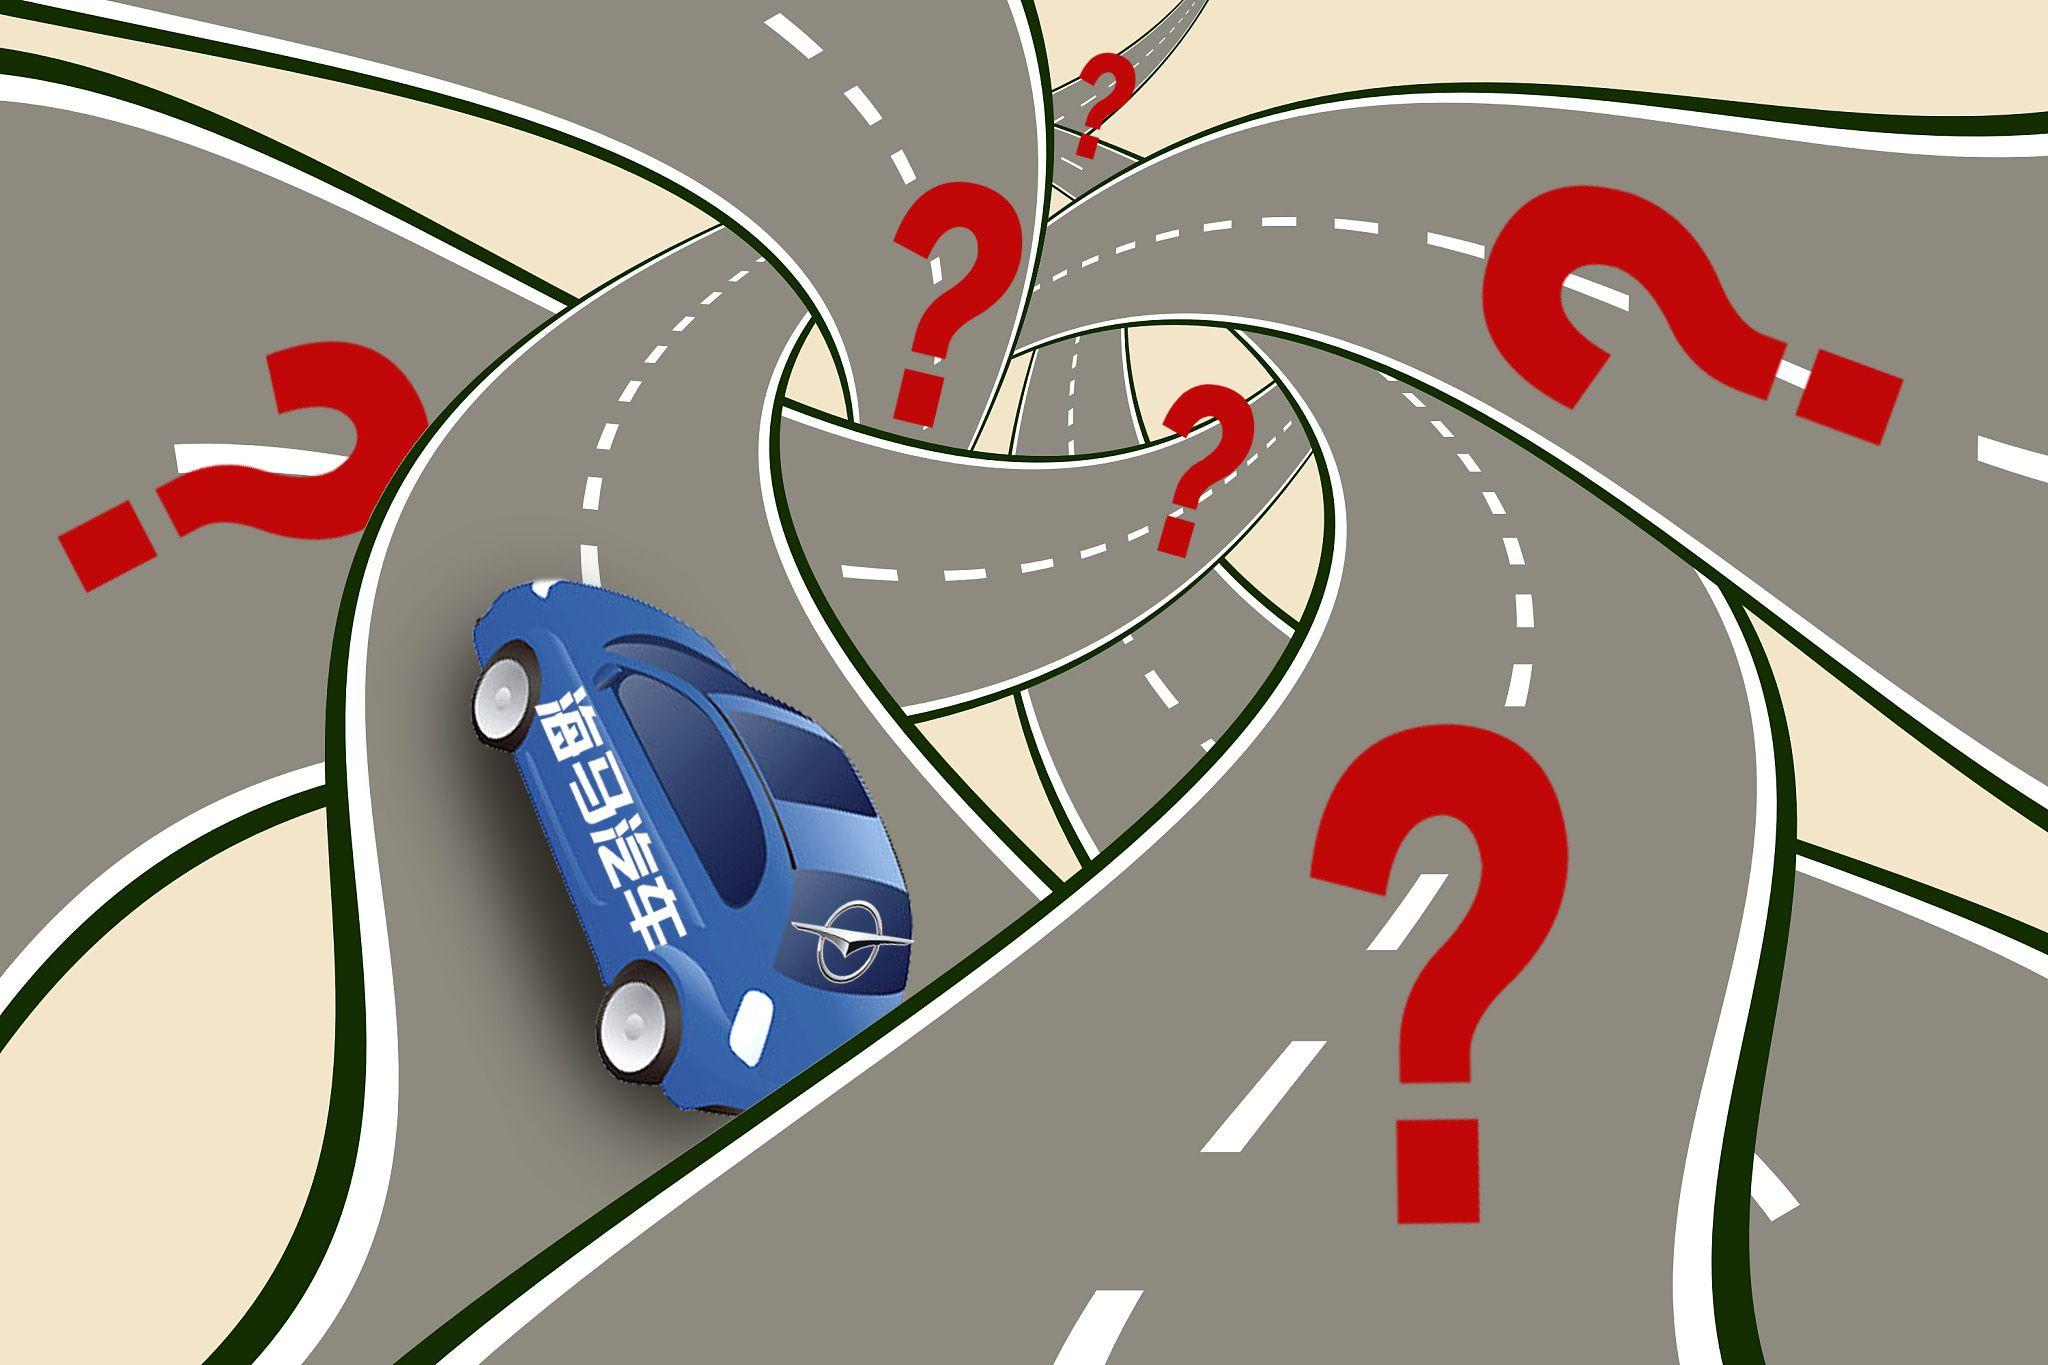 亏损扩大汽车业务遇瓶颈,海马路在何方?